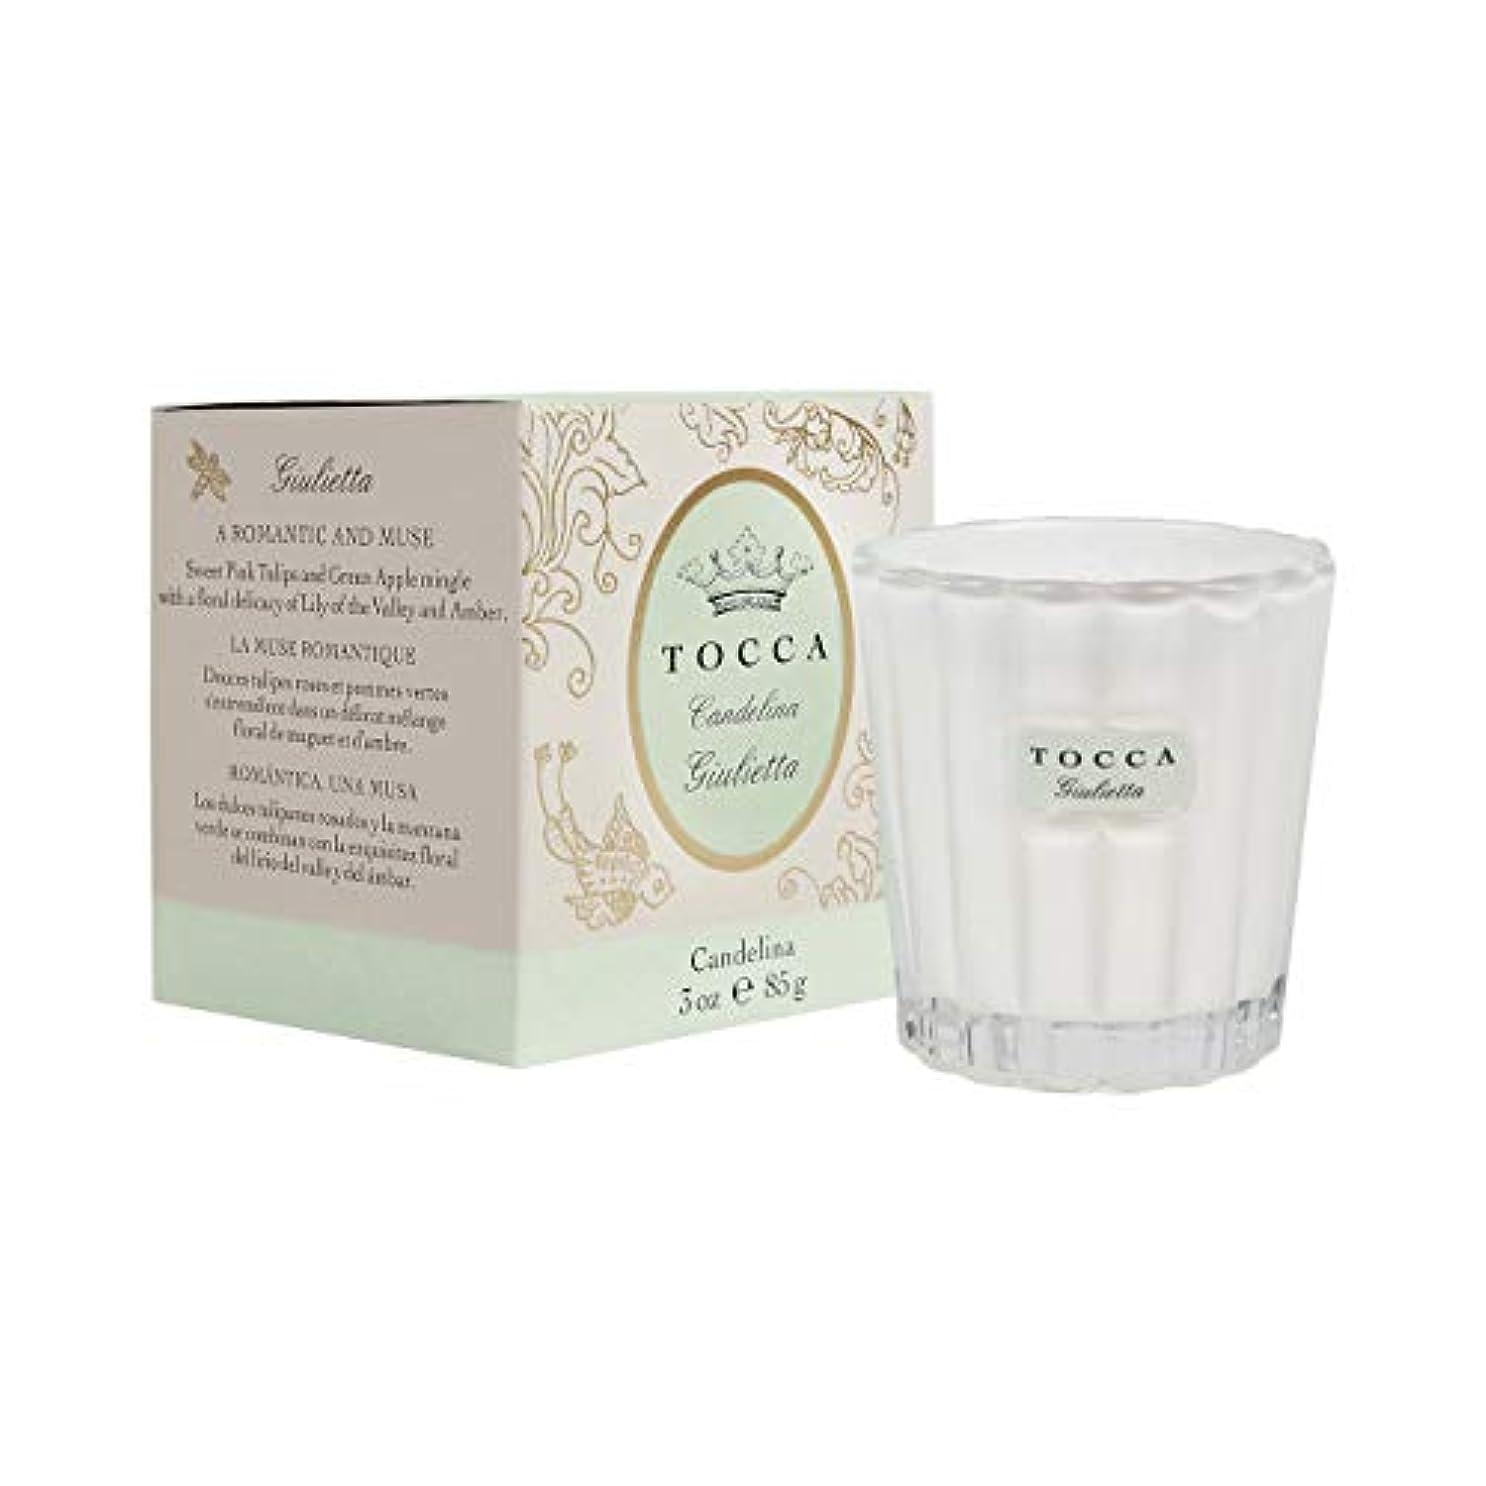 値下げ裁定カウントトッカ(TOCCA) キャンデリーナ ジュリエッタの香り 約85g (キャンドル ろうそく 爽やかで甘い香り)